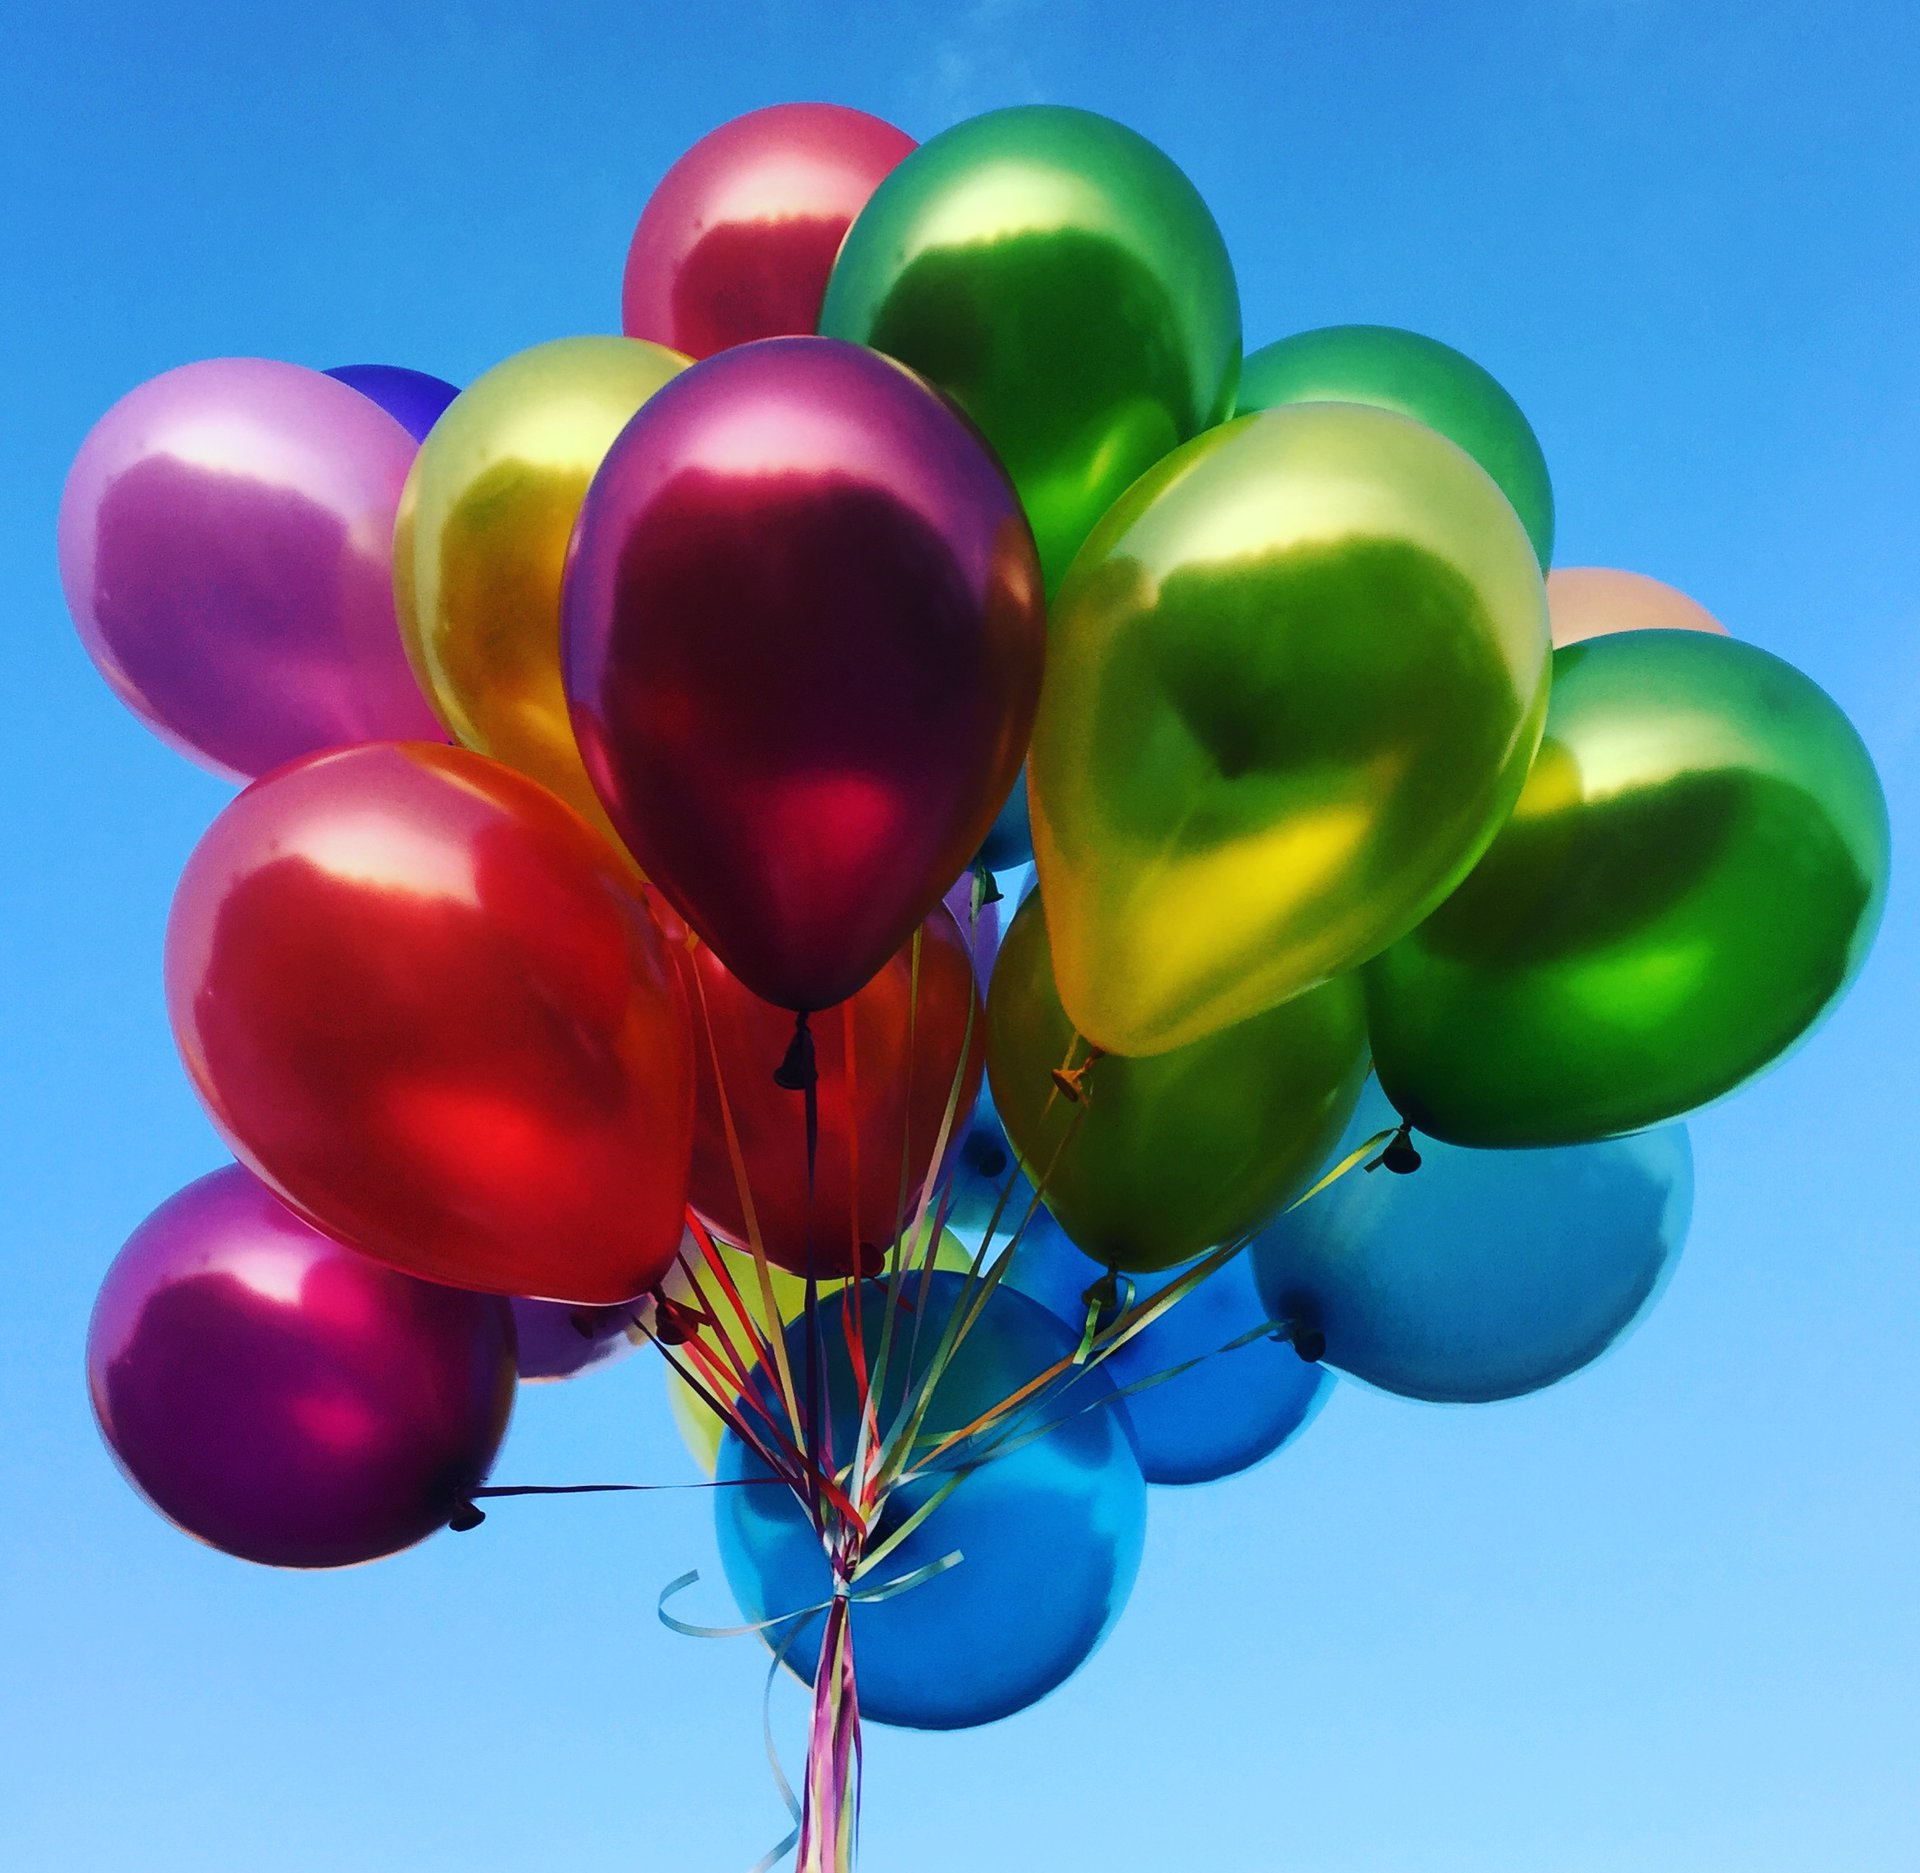 Цветком ткани, картинки воздушные шарики красивые